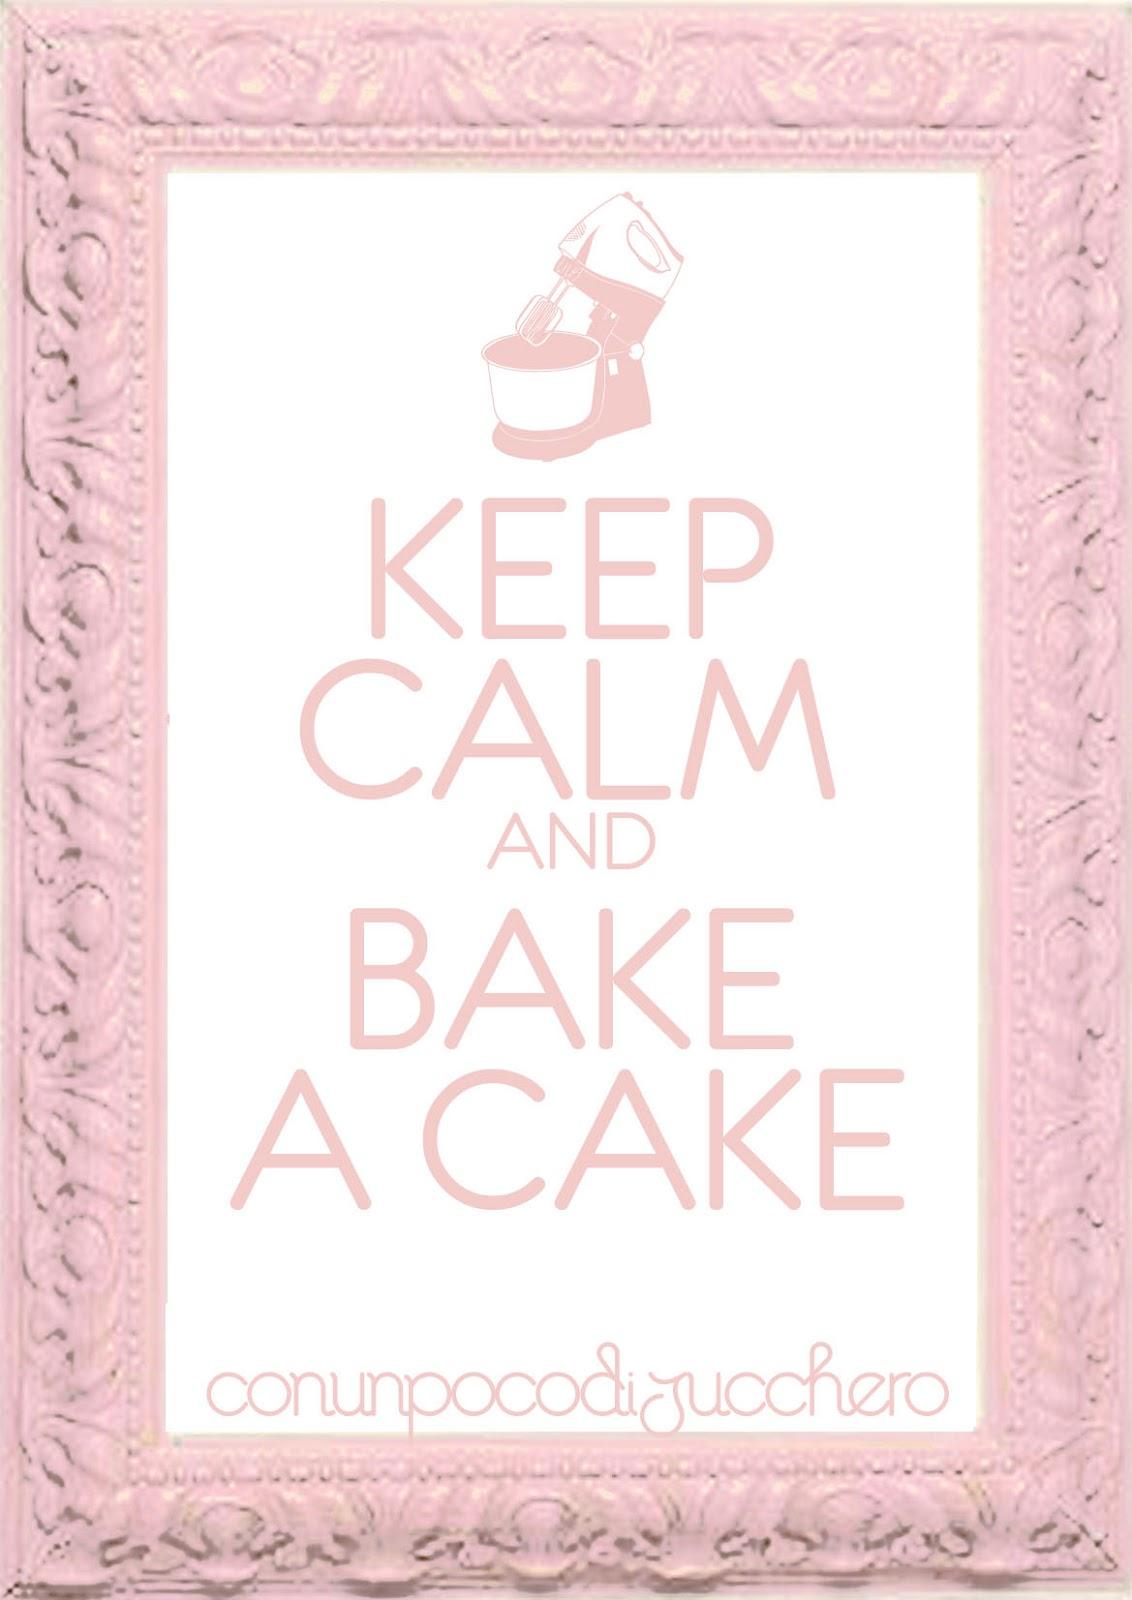 Cake Bake Kenwood Fdm